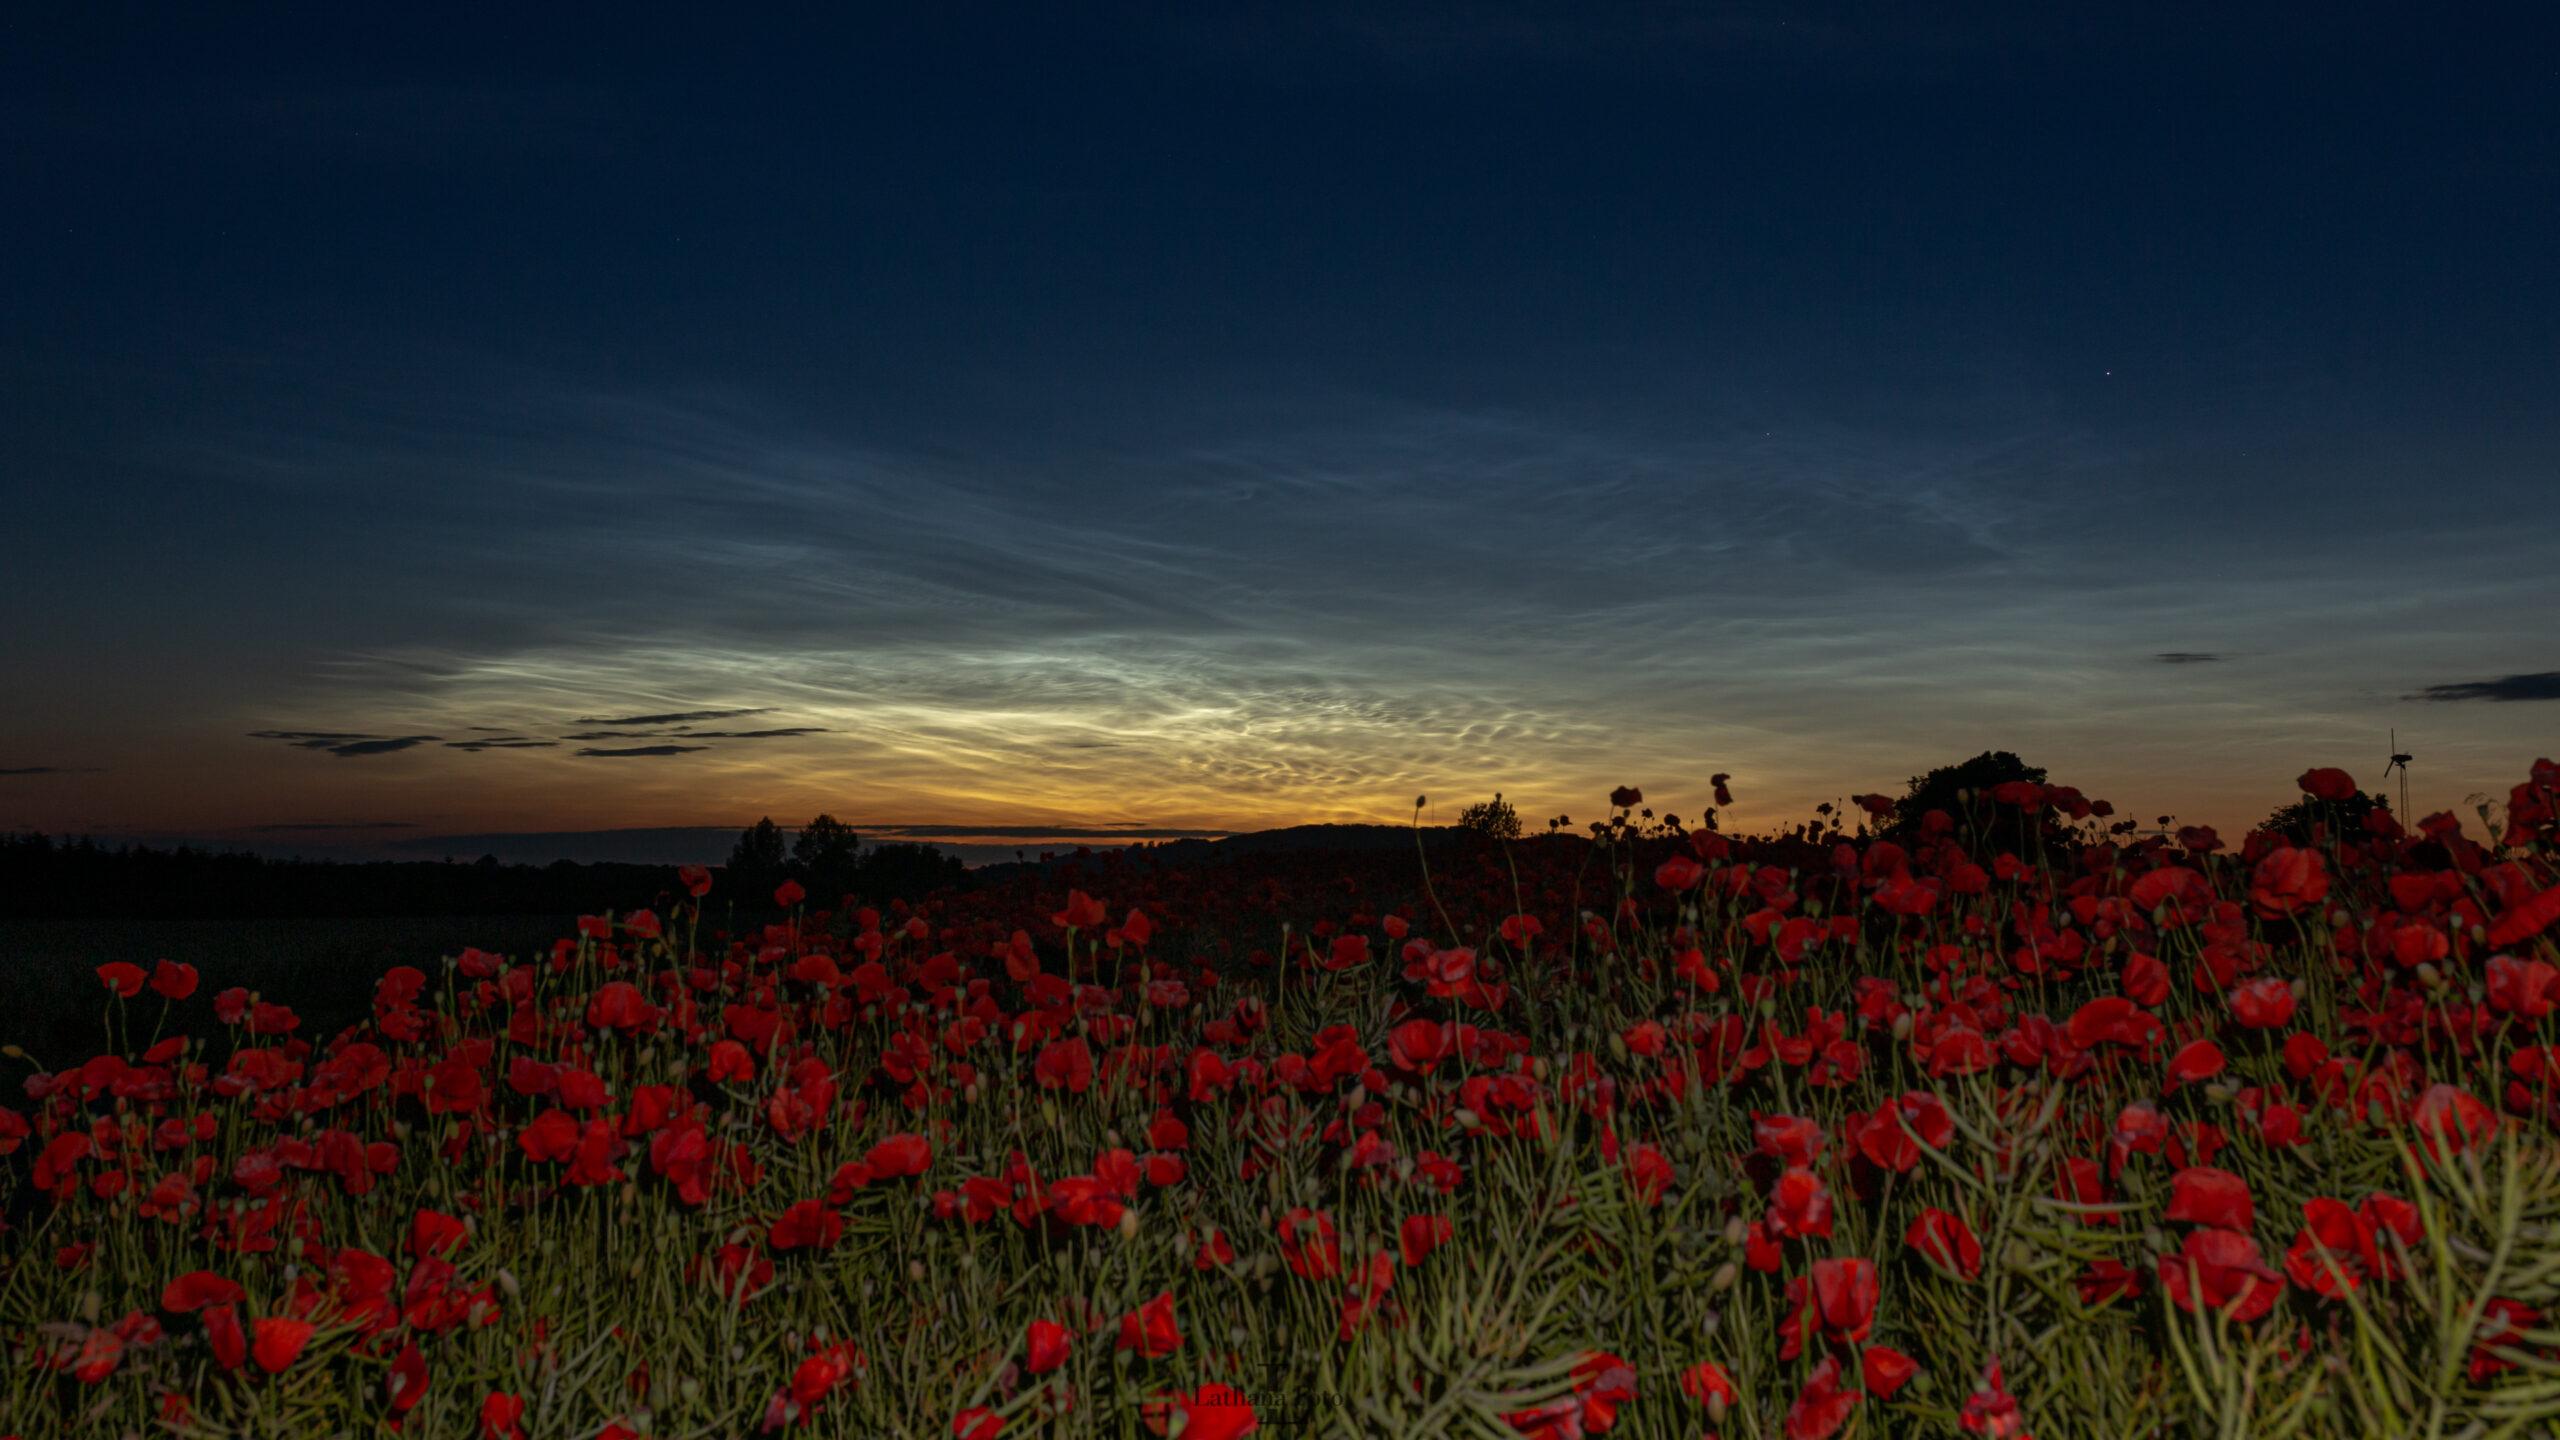 lysende natskyer og valmuer 170620 1a